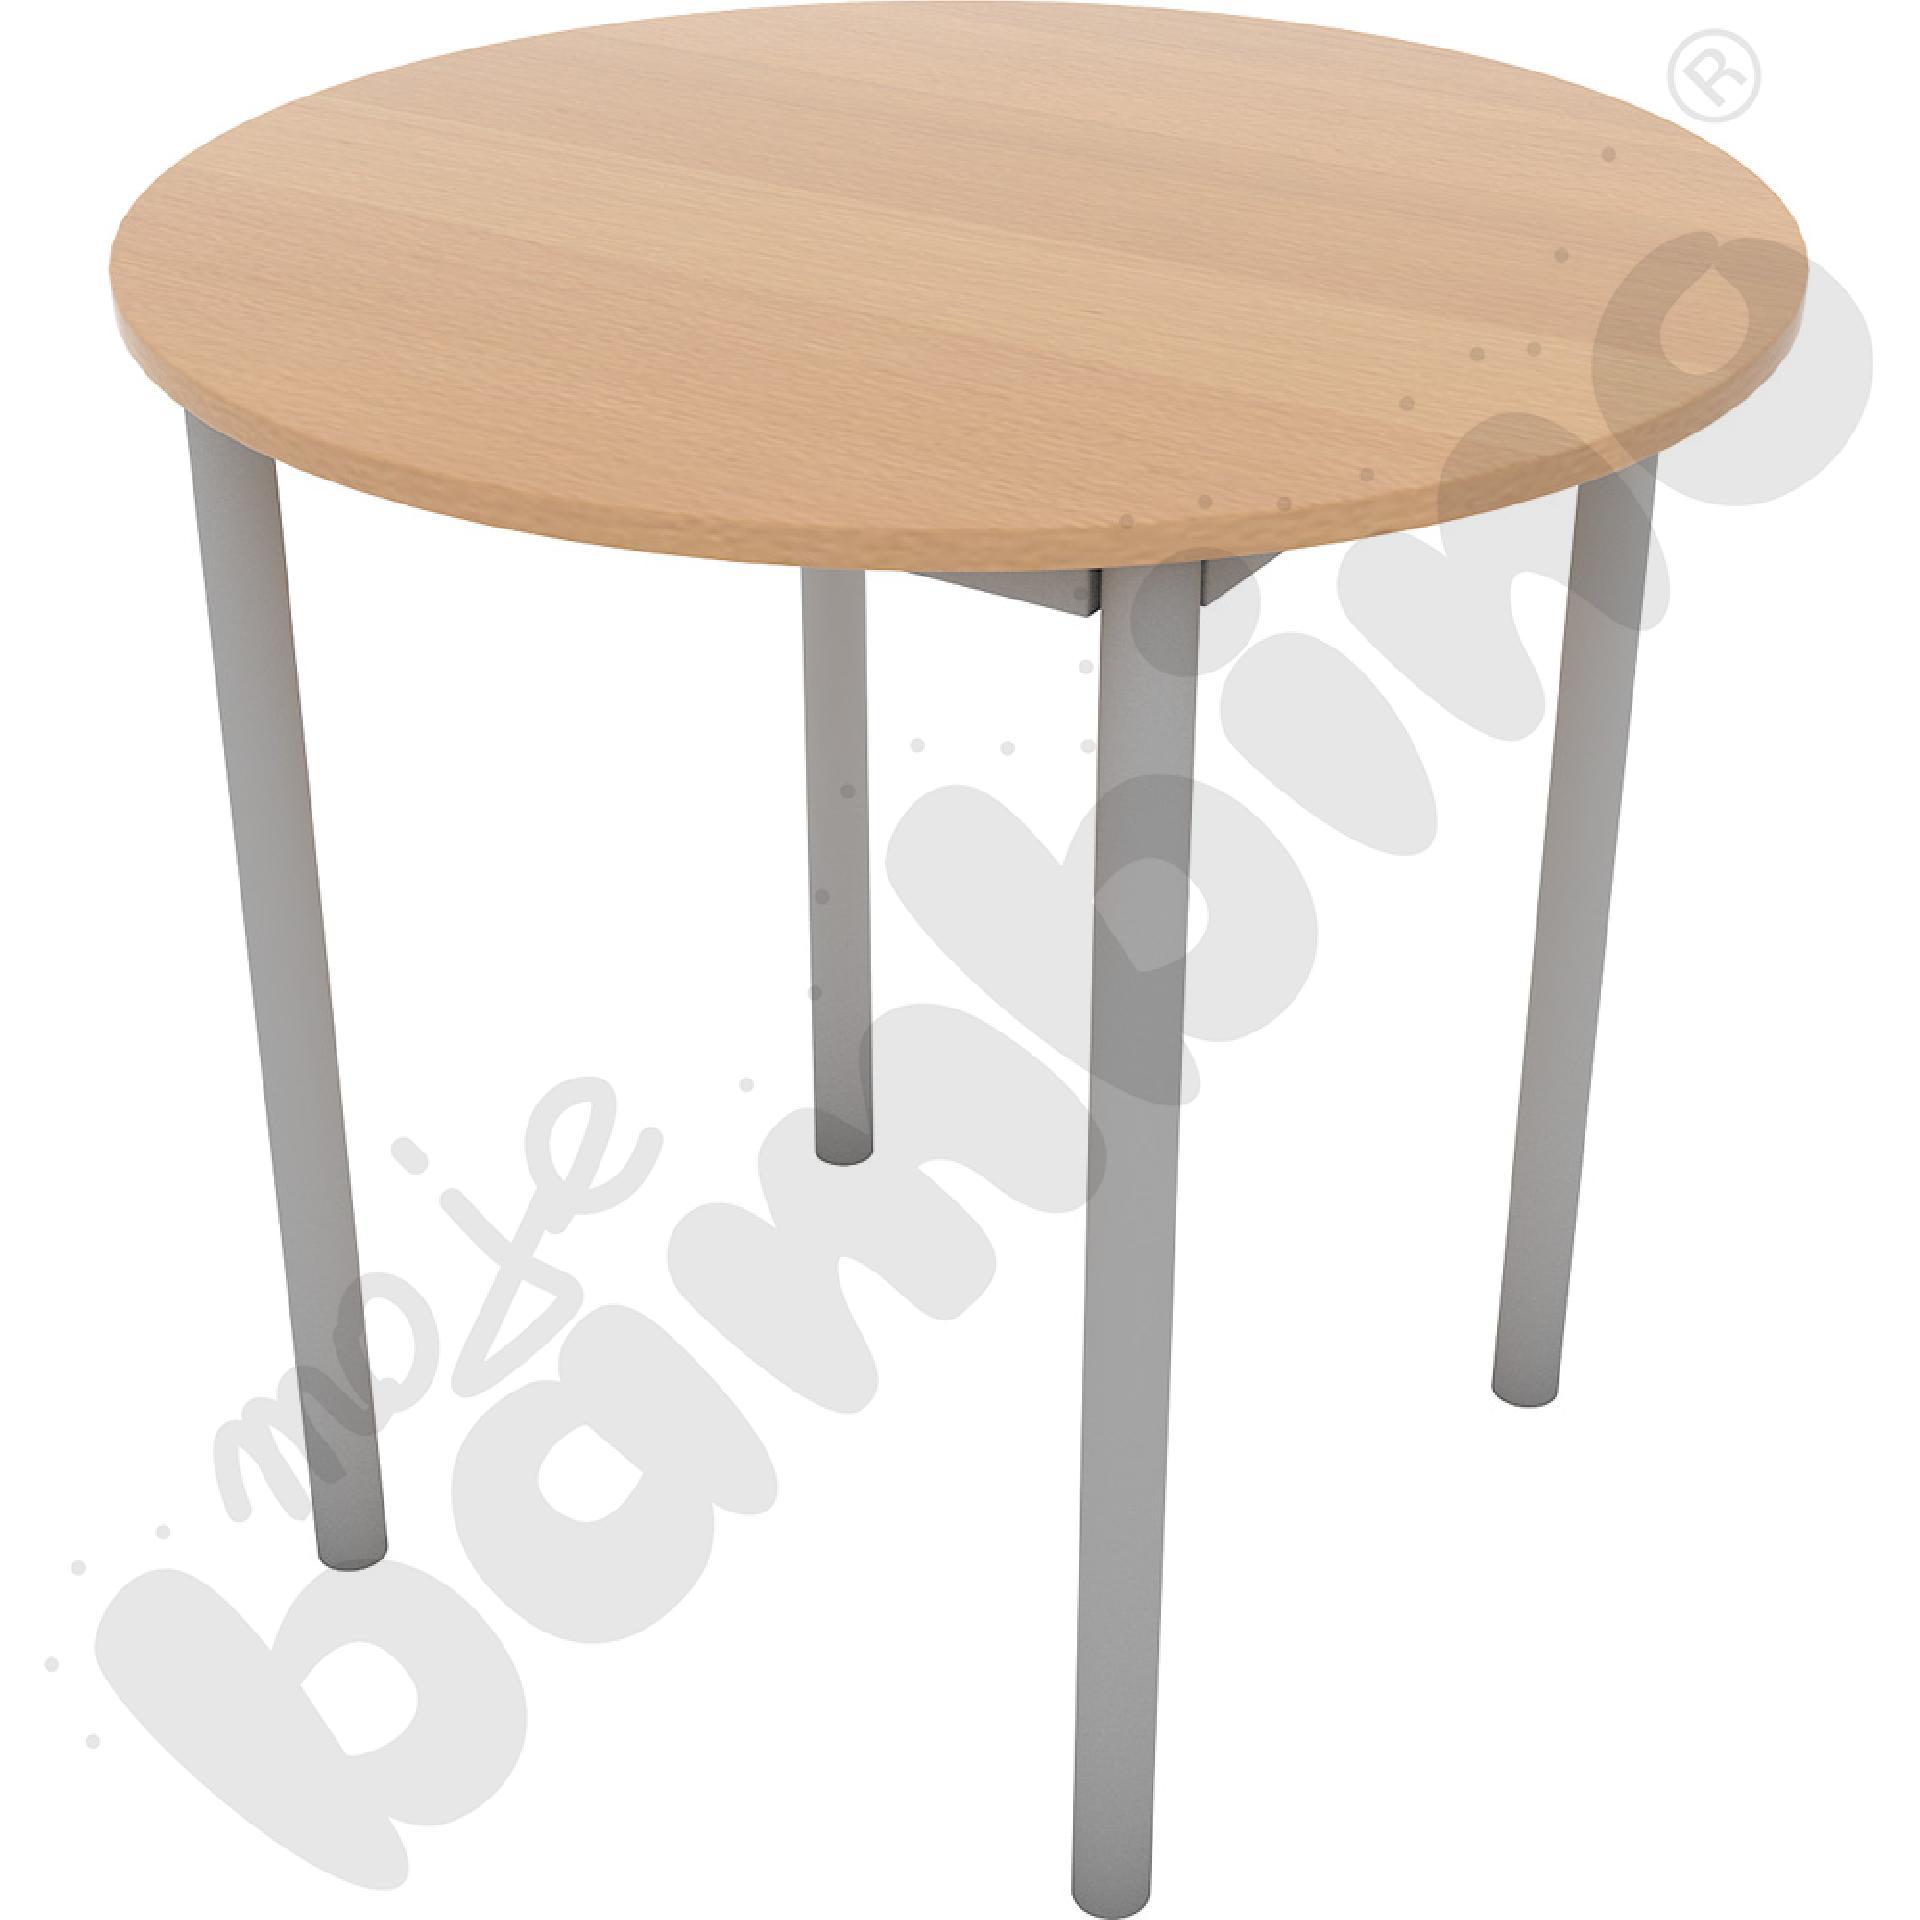 Stół kawowy Expo śr. 80 cm buk